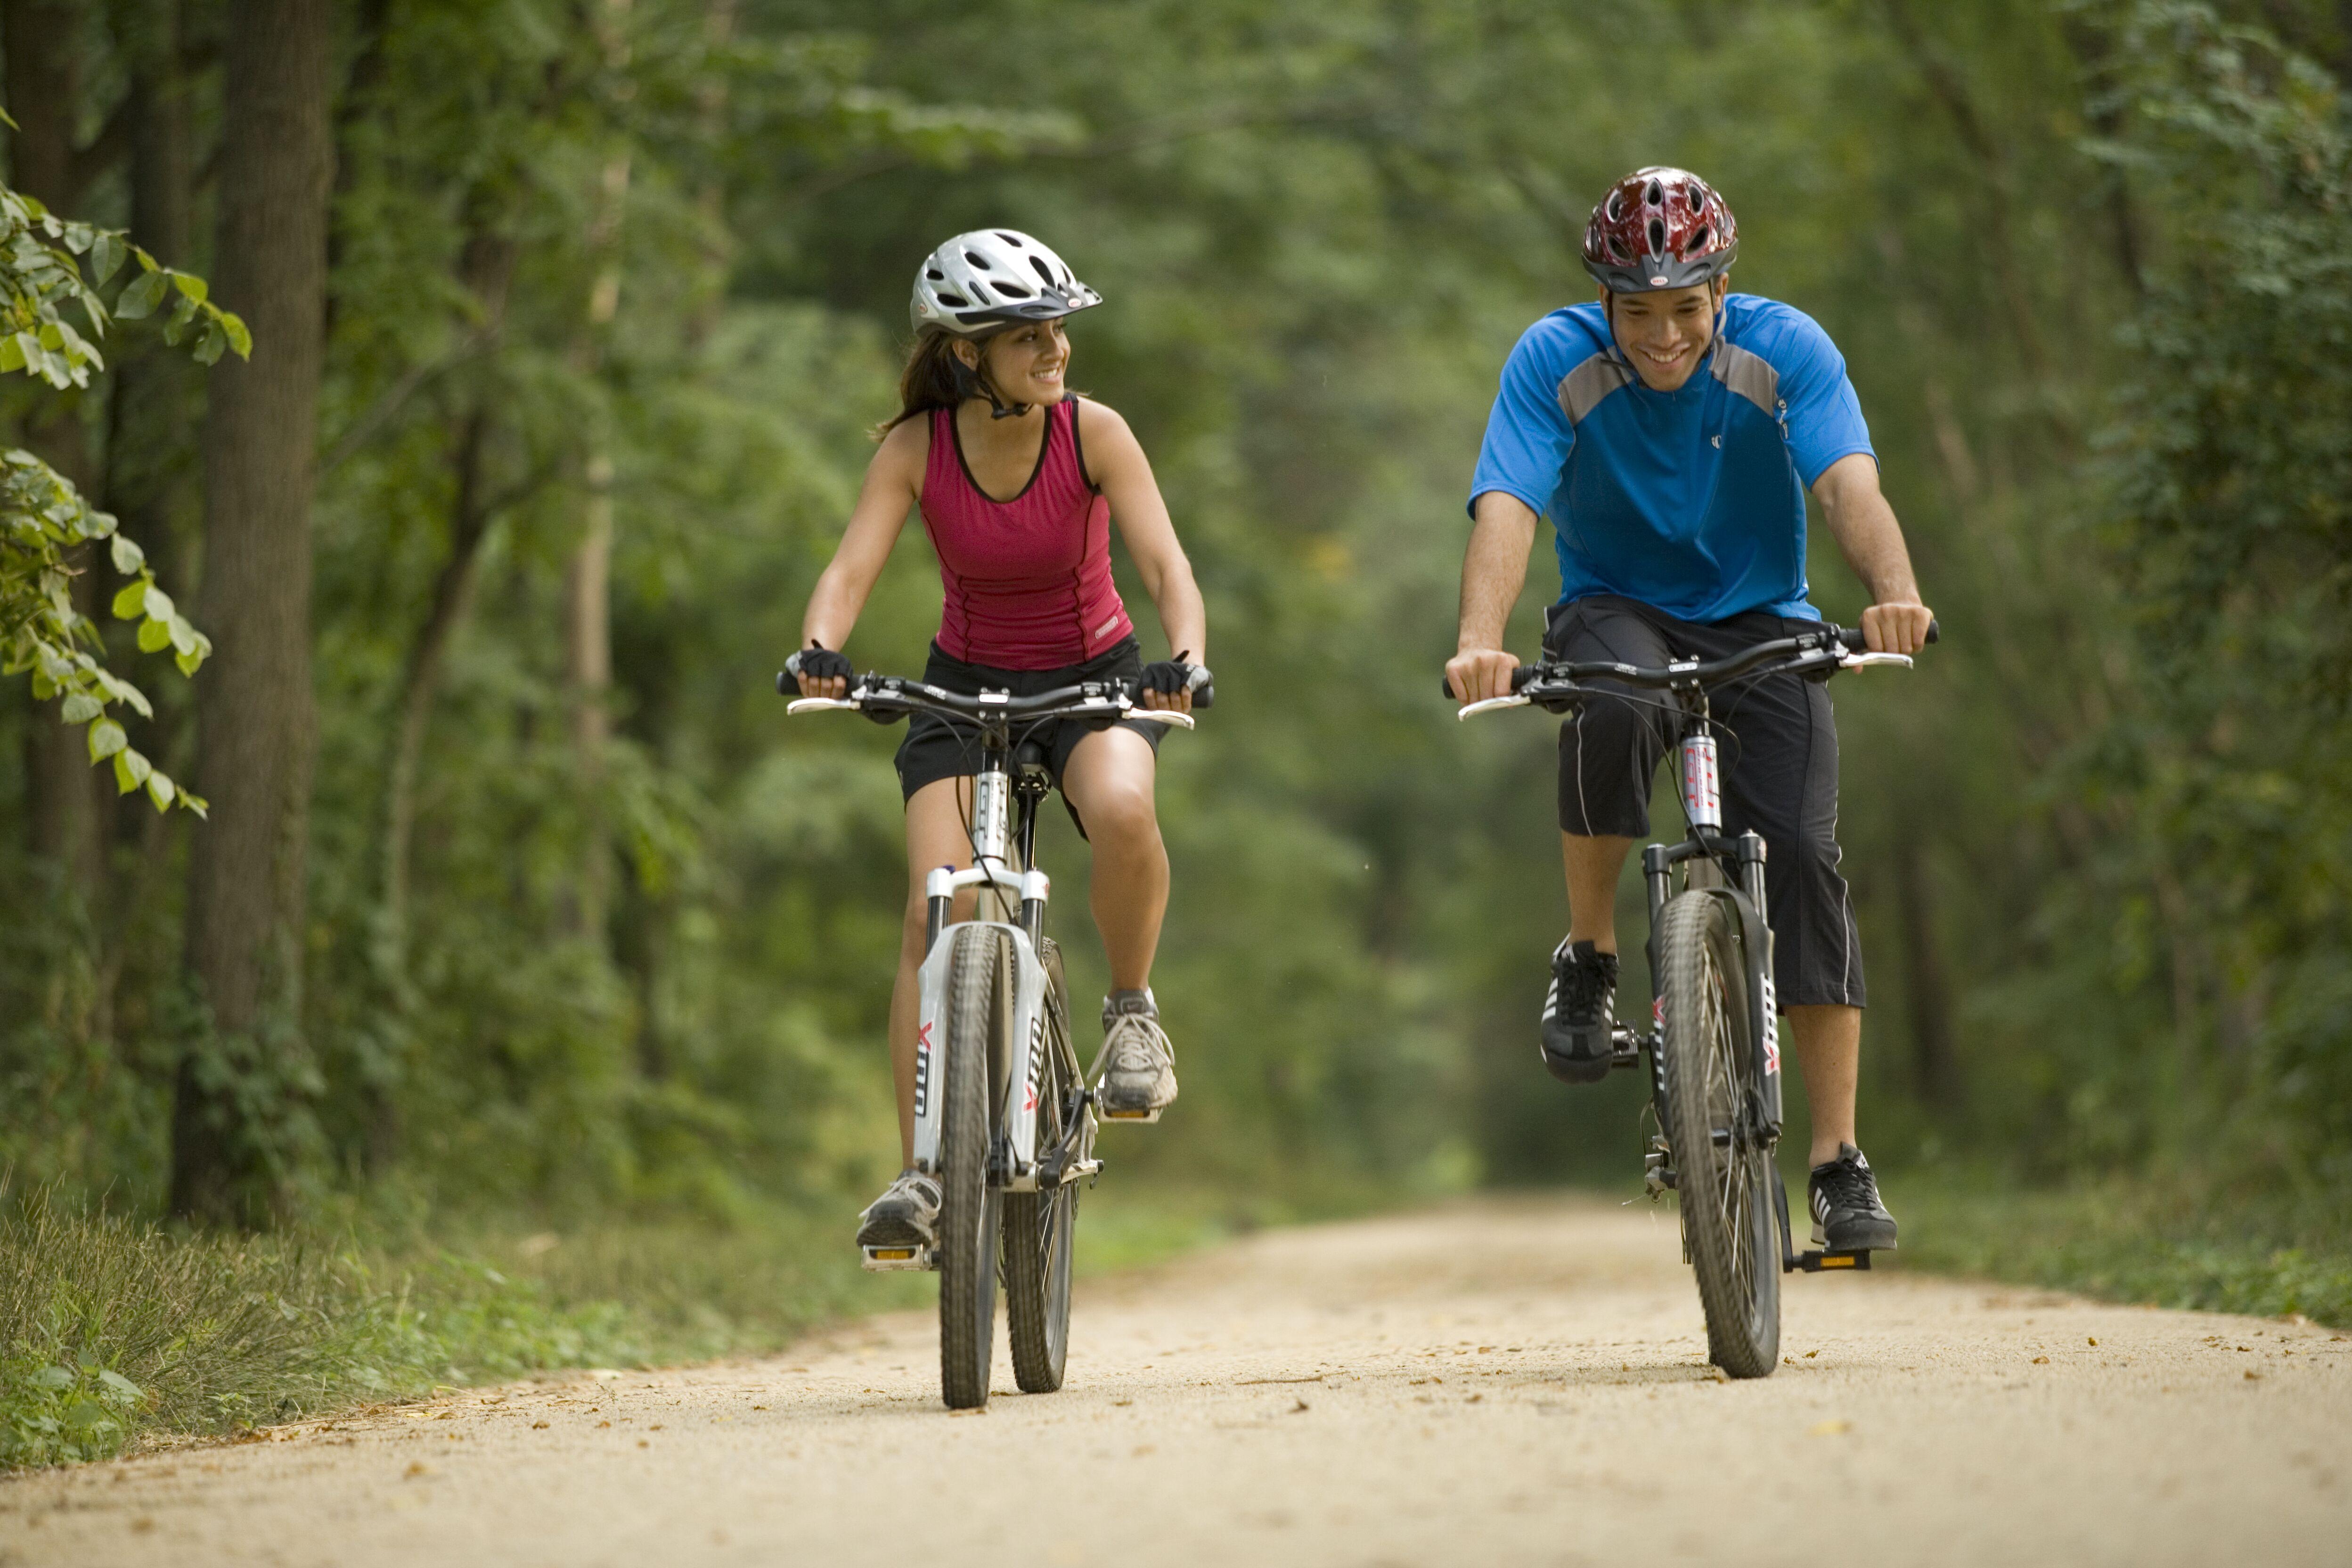 как правильно ездить на велосипеде чтобы похудеть